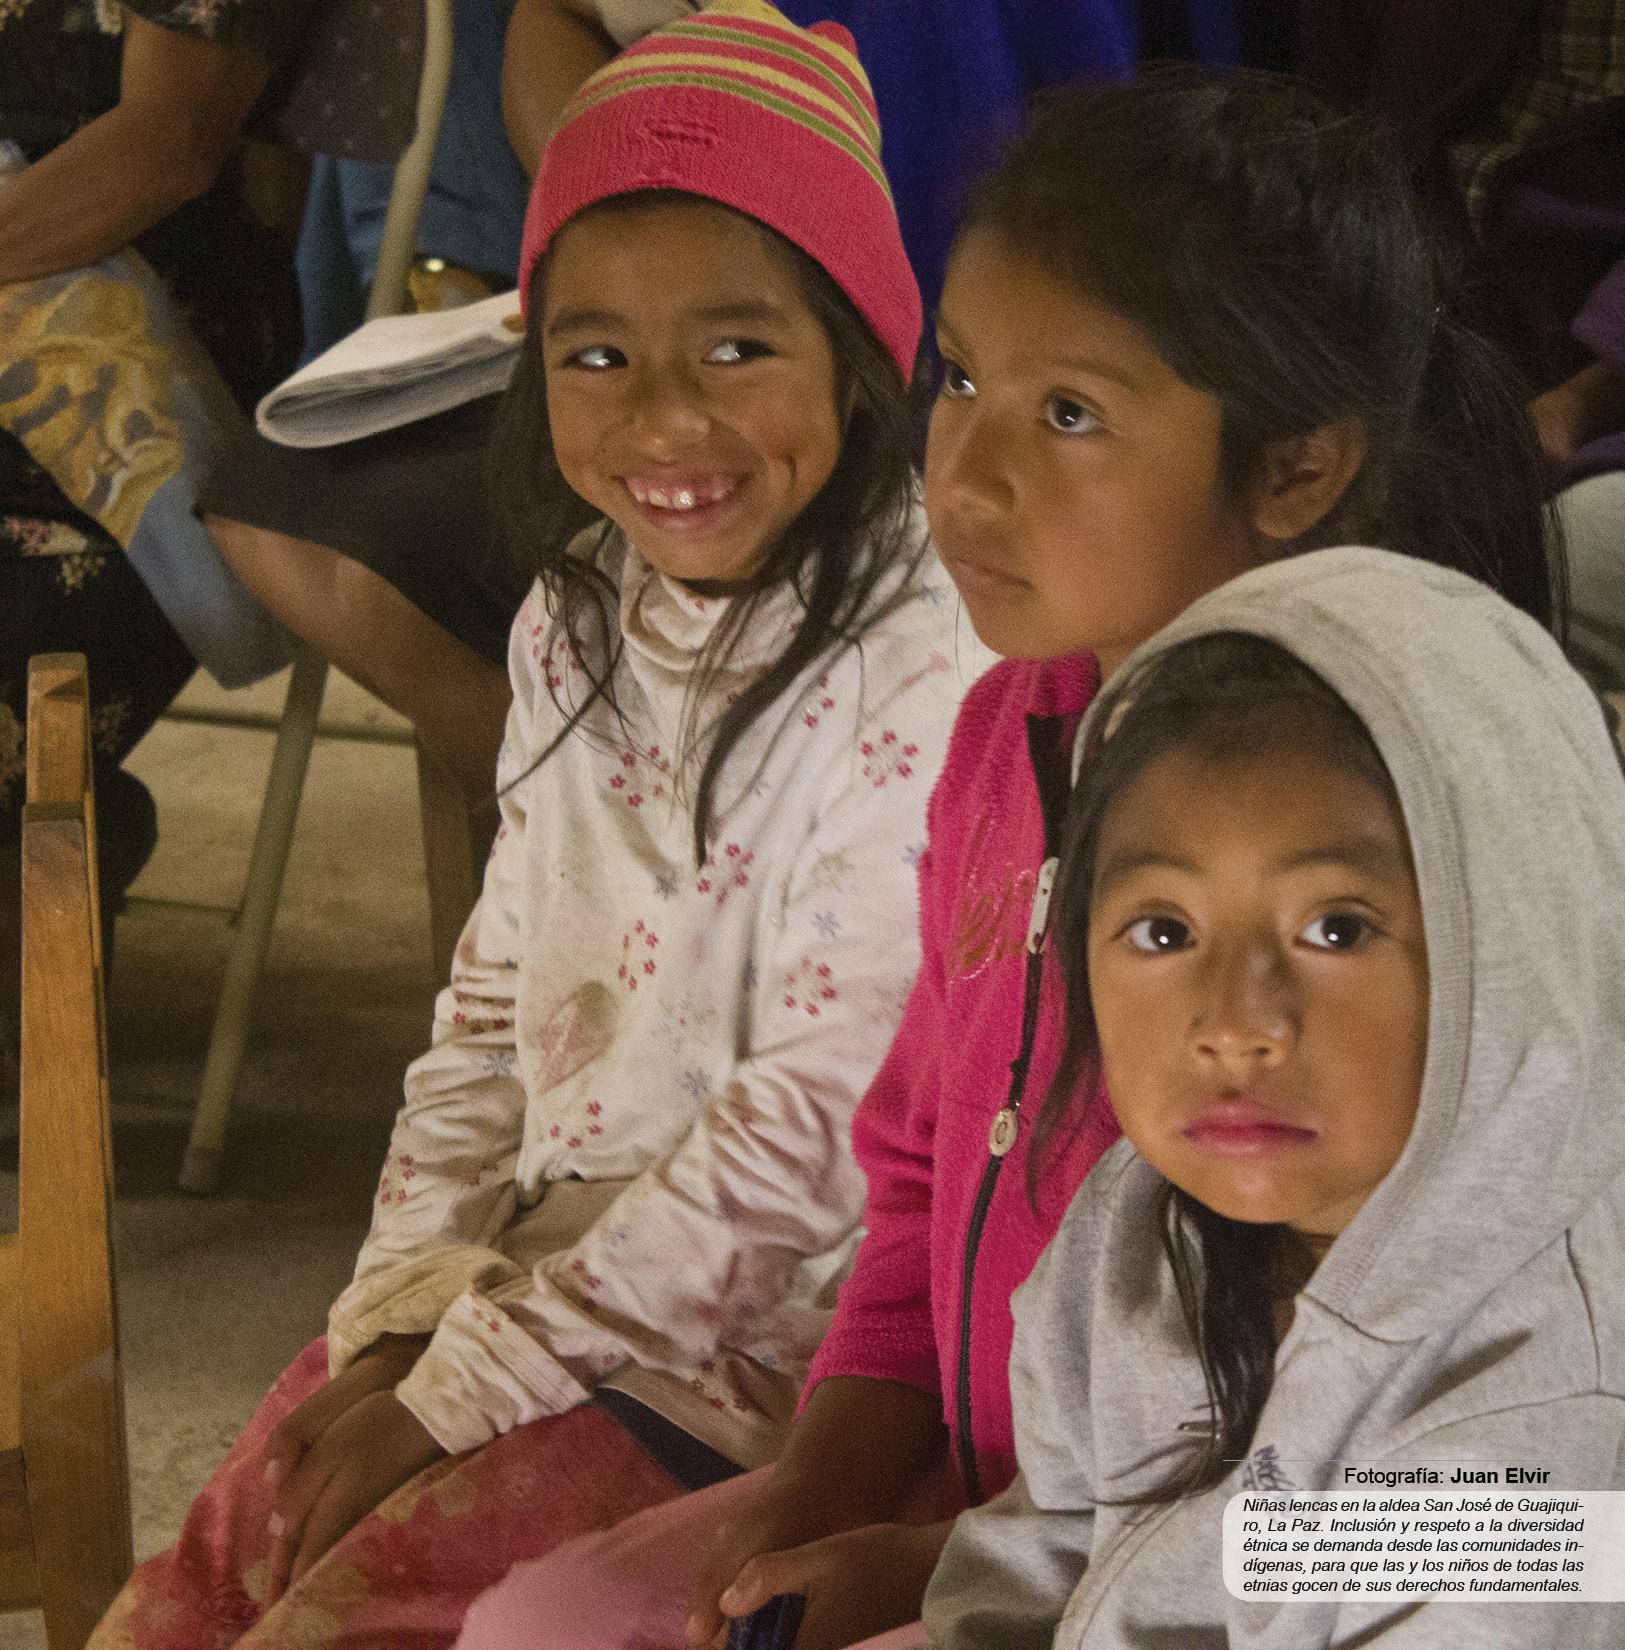 Niñas lencas en la aldea San José de Guajiquiro, La Paz. Inclusión y respeto a la diversidad étnica se demanda desde las comunidades indígenas, para que las y los niños de todas las etnias gocen de sus derechos fundamentales.